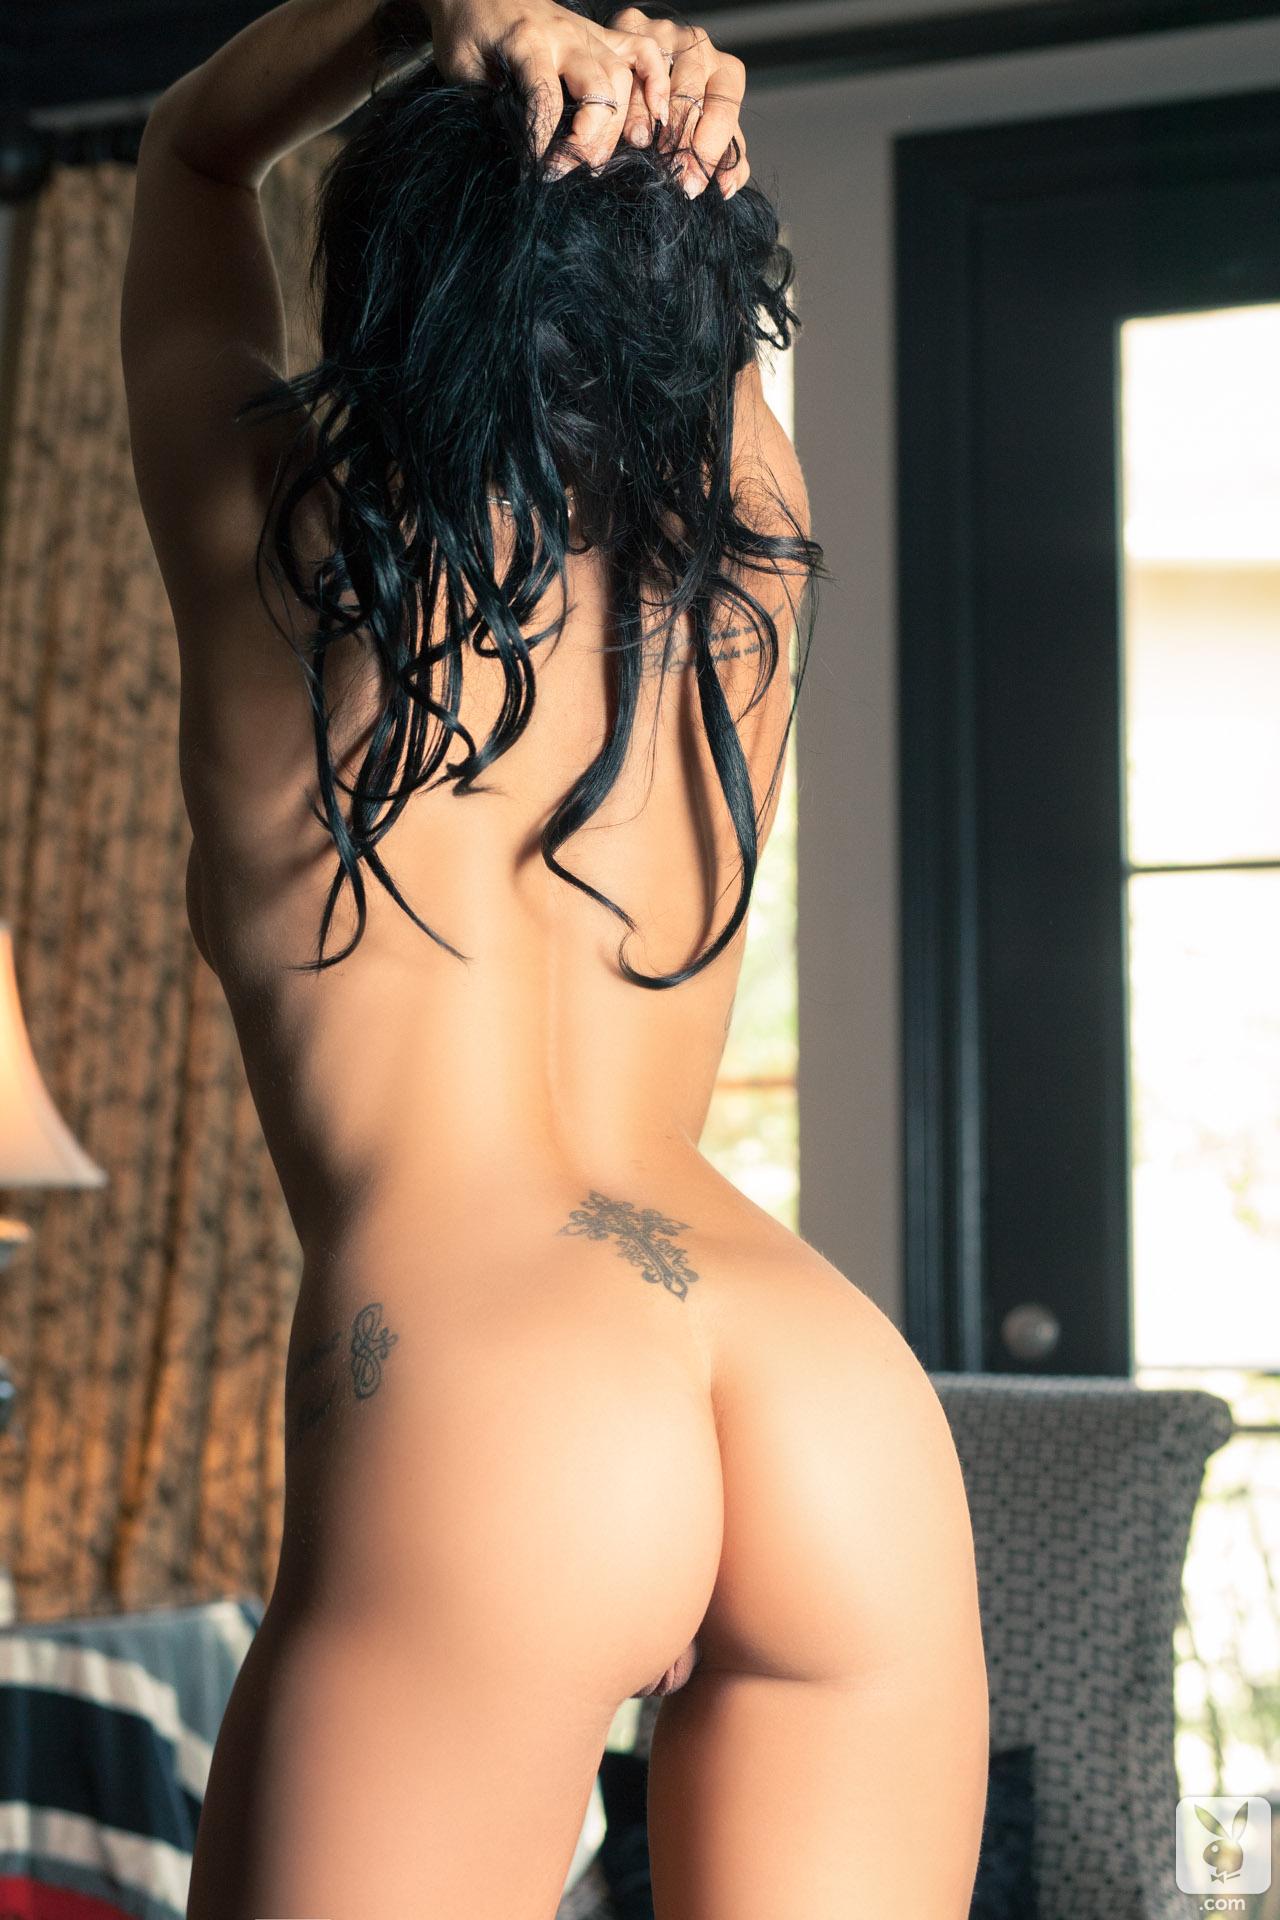 brittani-jayde-nude-sexy-playboy-18